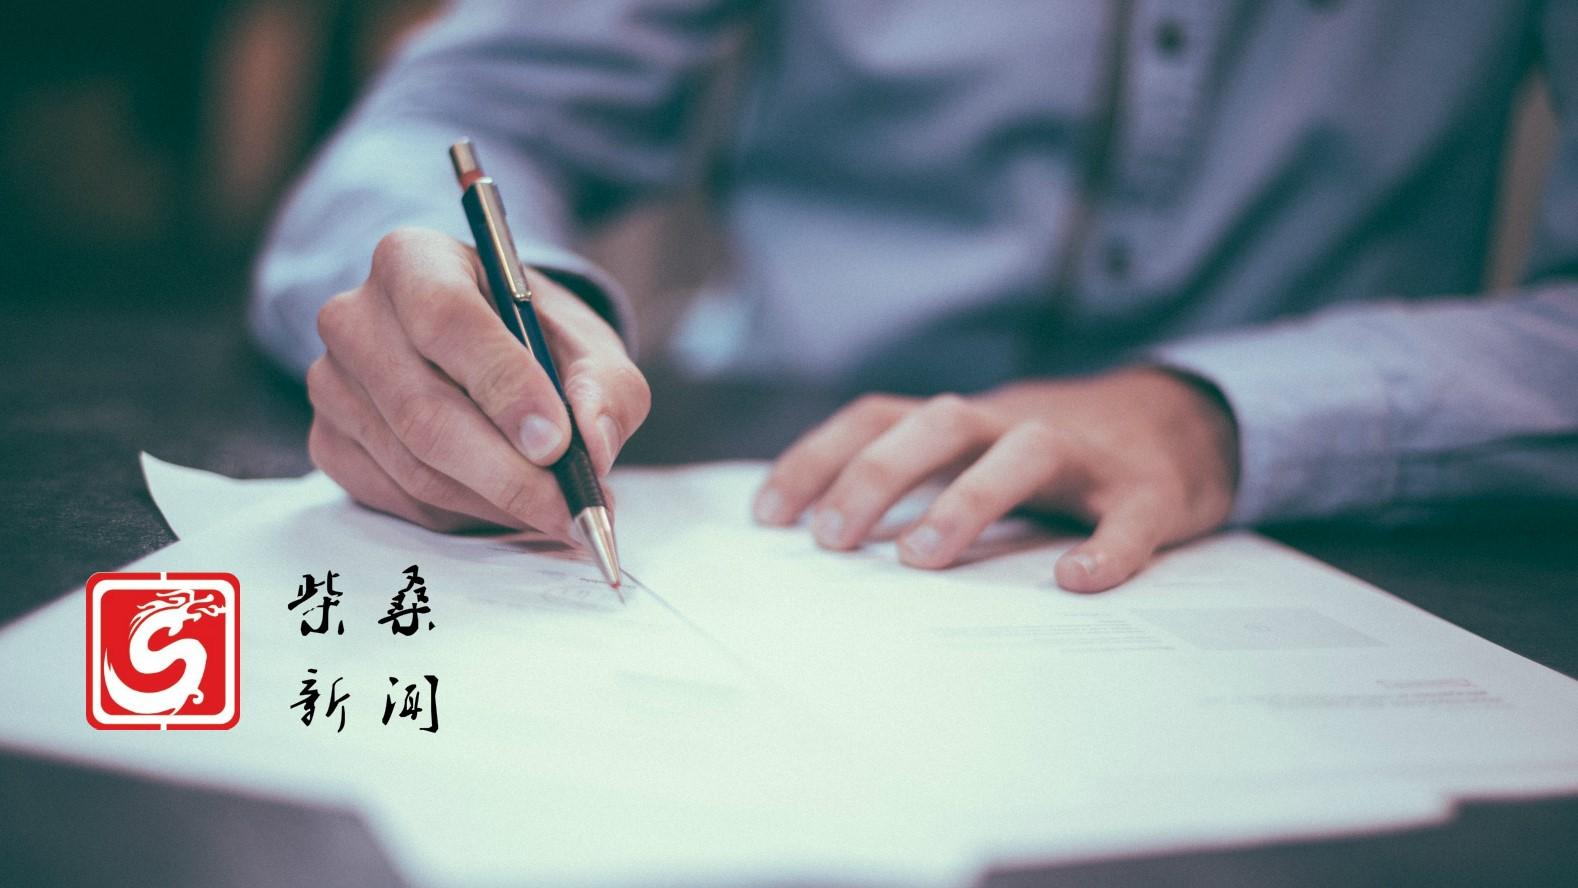 【柴桑新闻】我所李小磊律师受邀为江西中儒实业有限公司作专题讲座